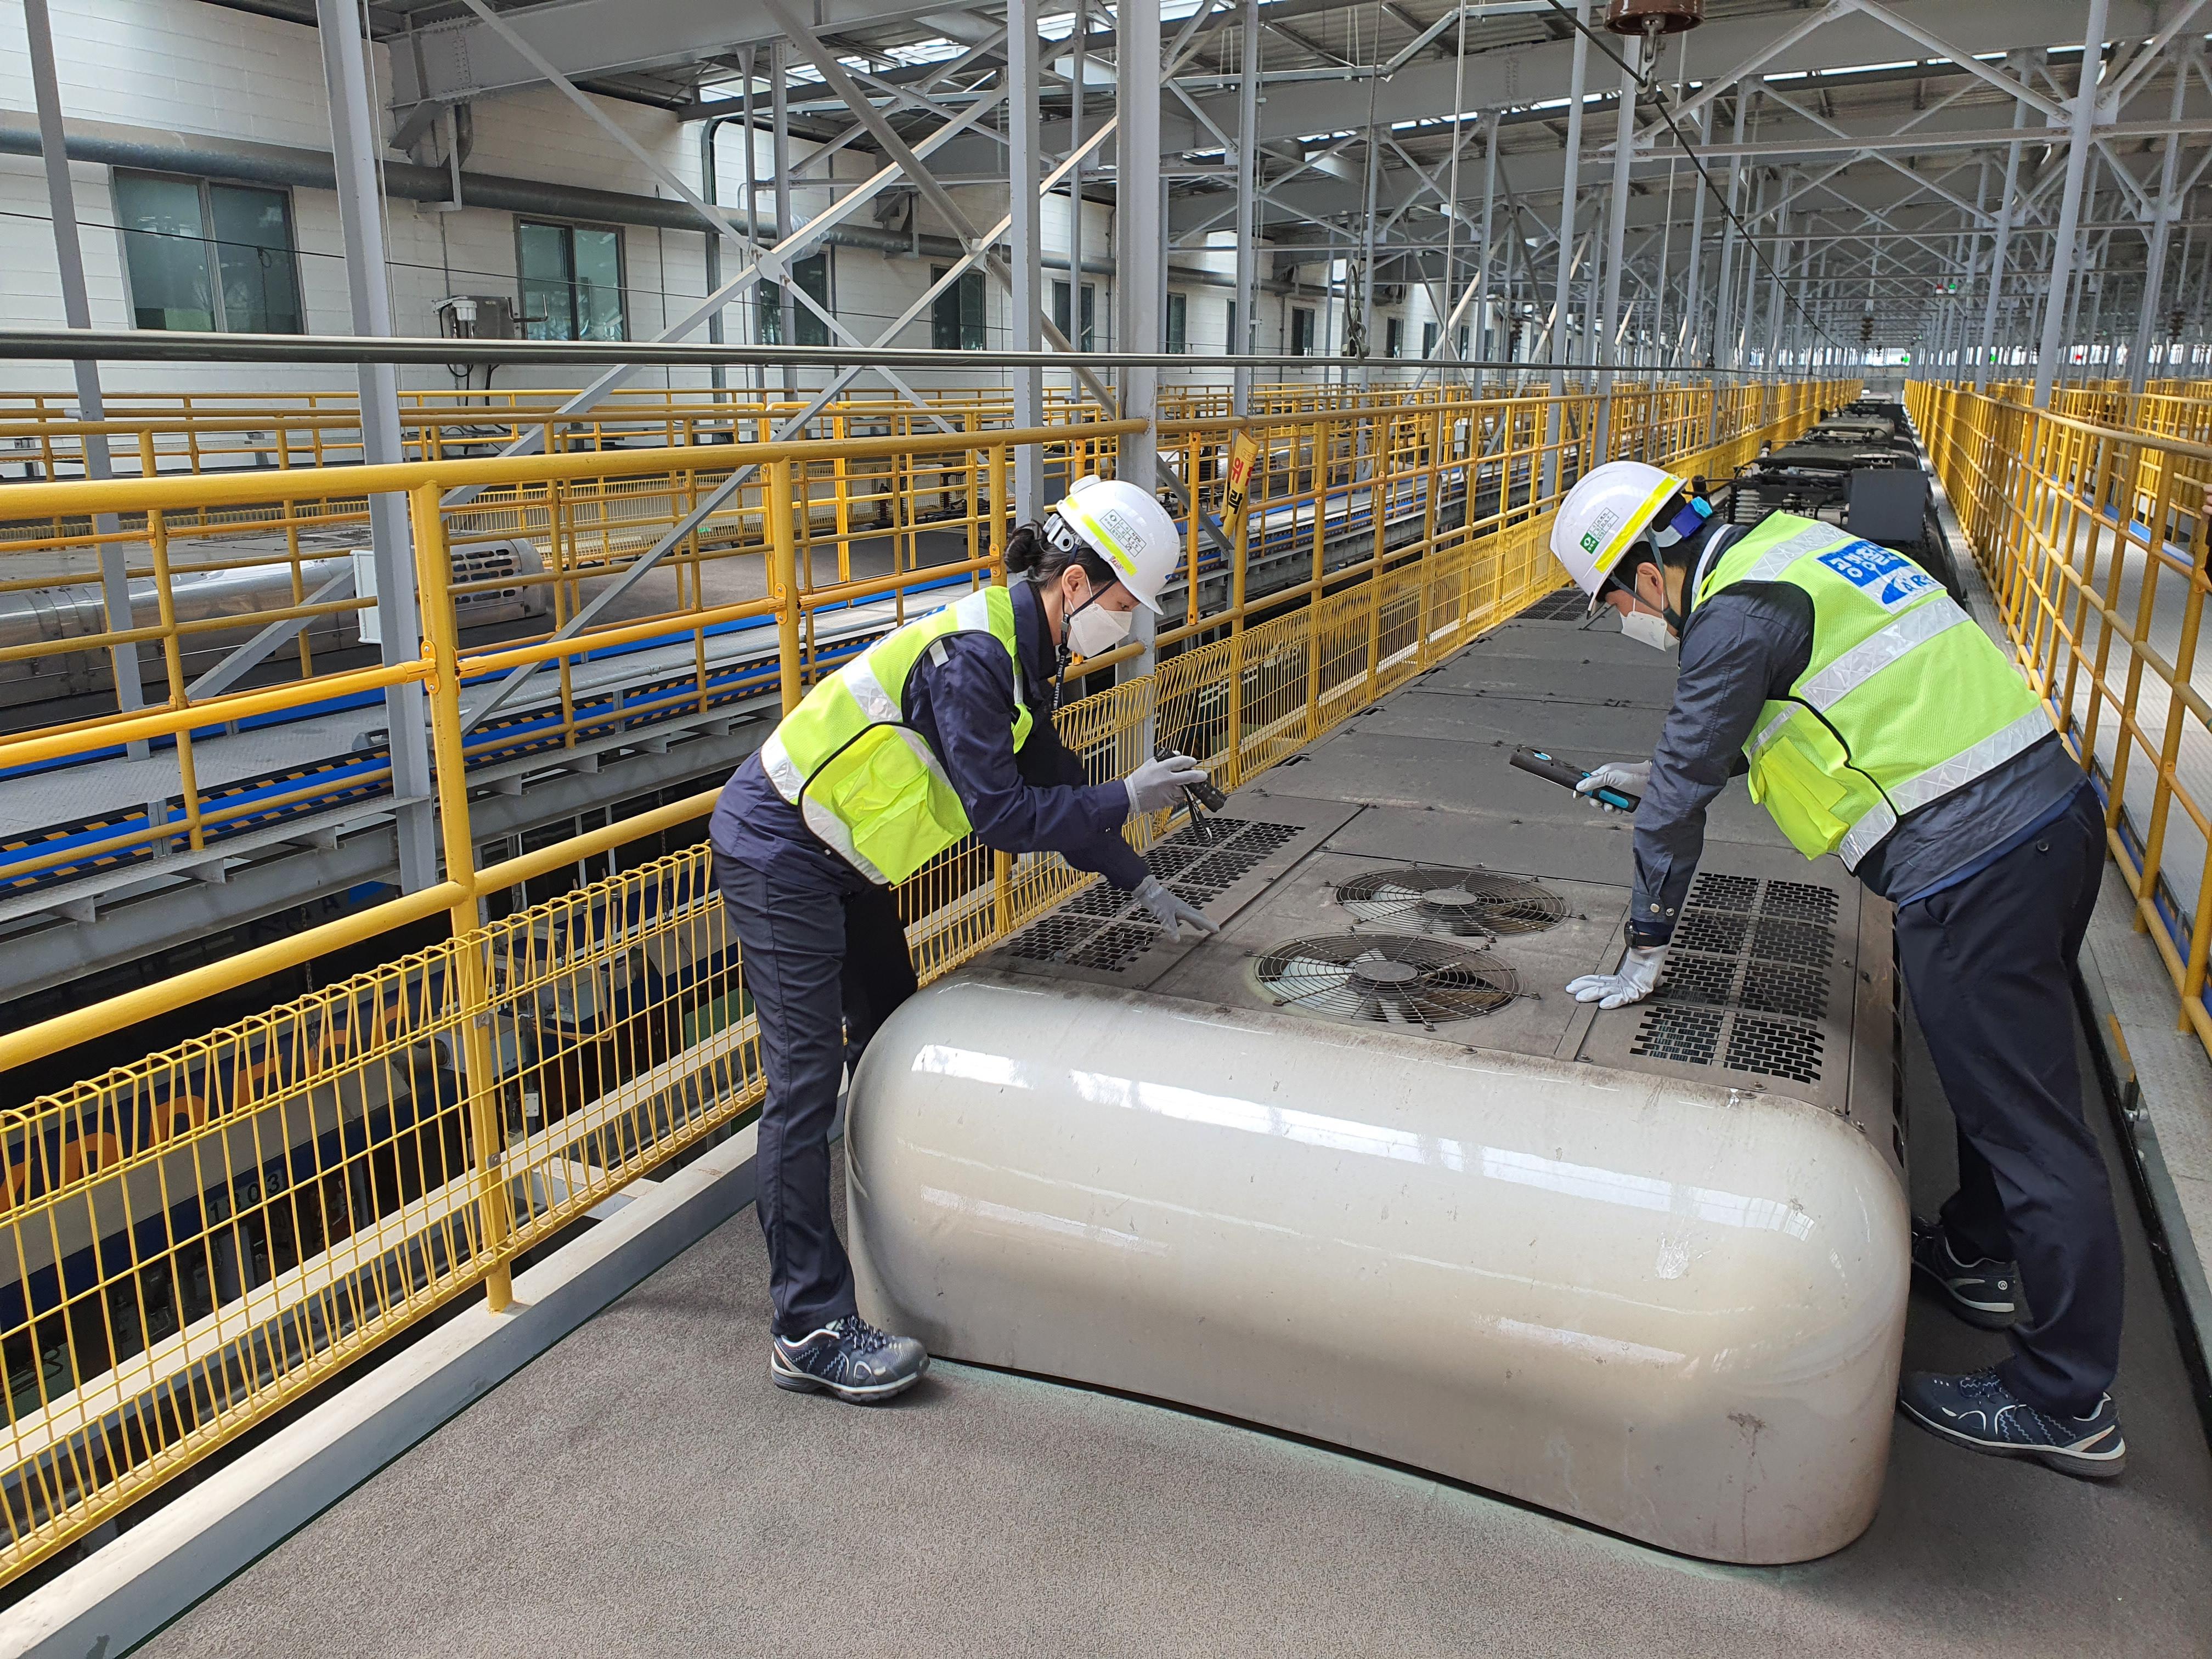 공항철도, 국내 최초 차내 혼잡도에 따른 냉방자동제어시스템 도입 관련사진입니다